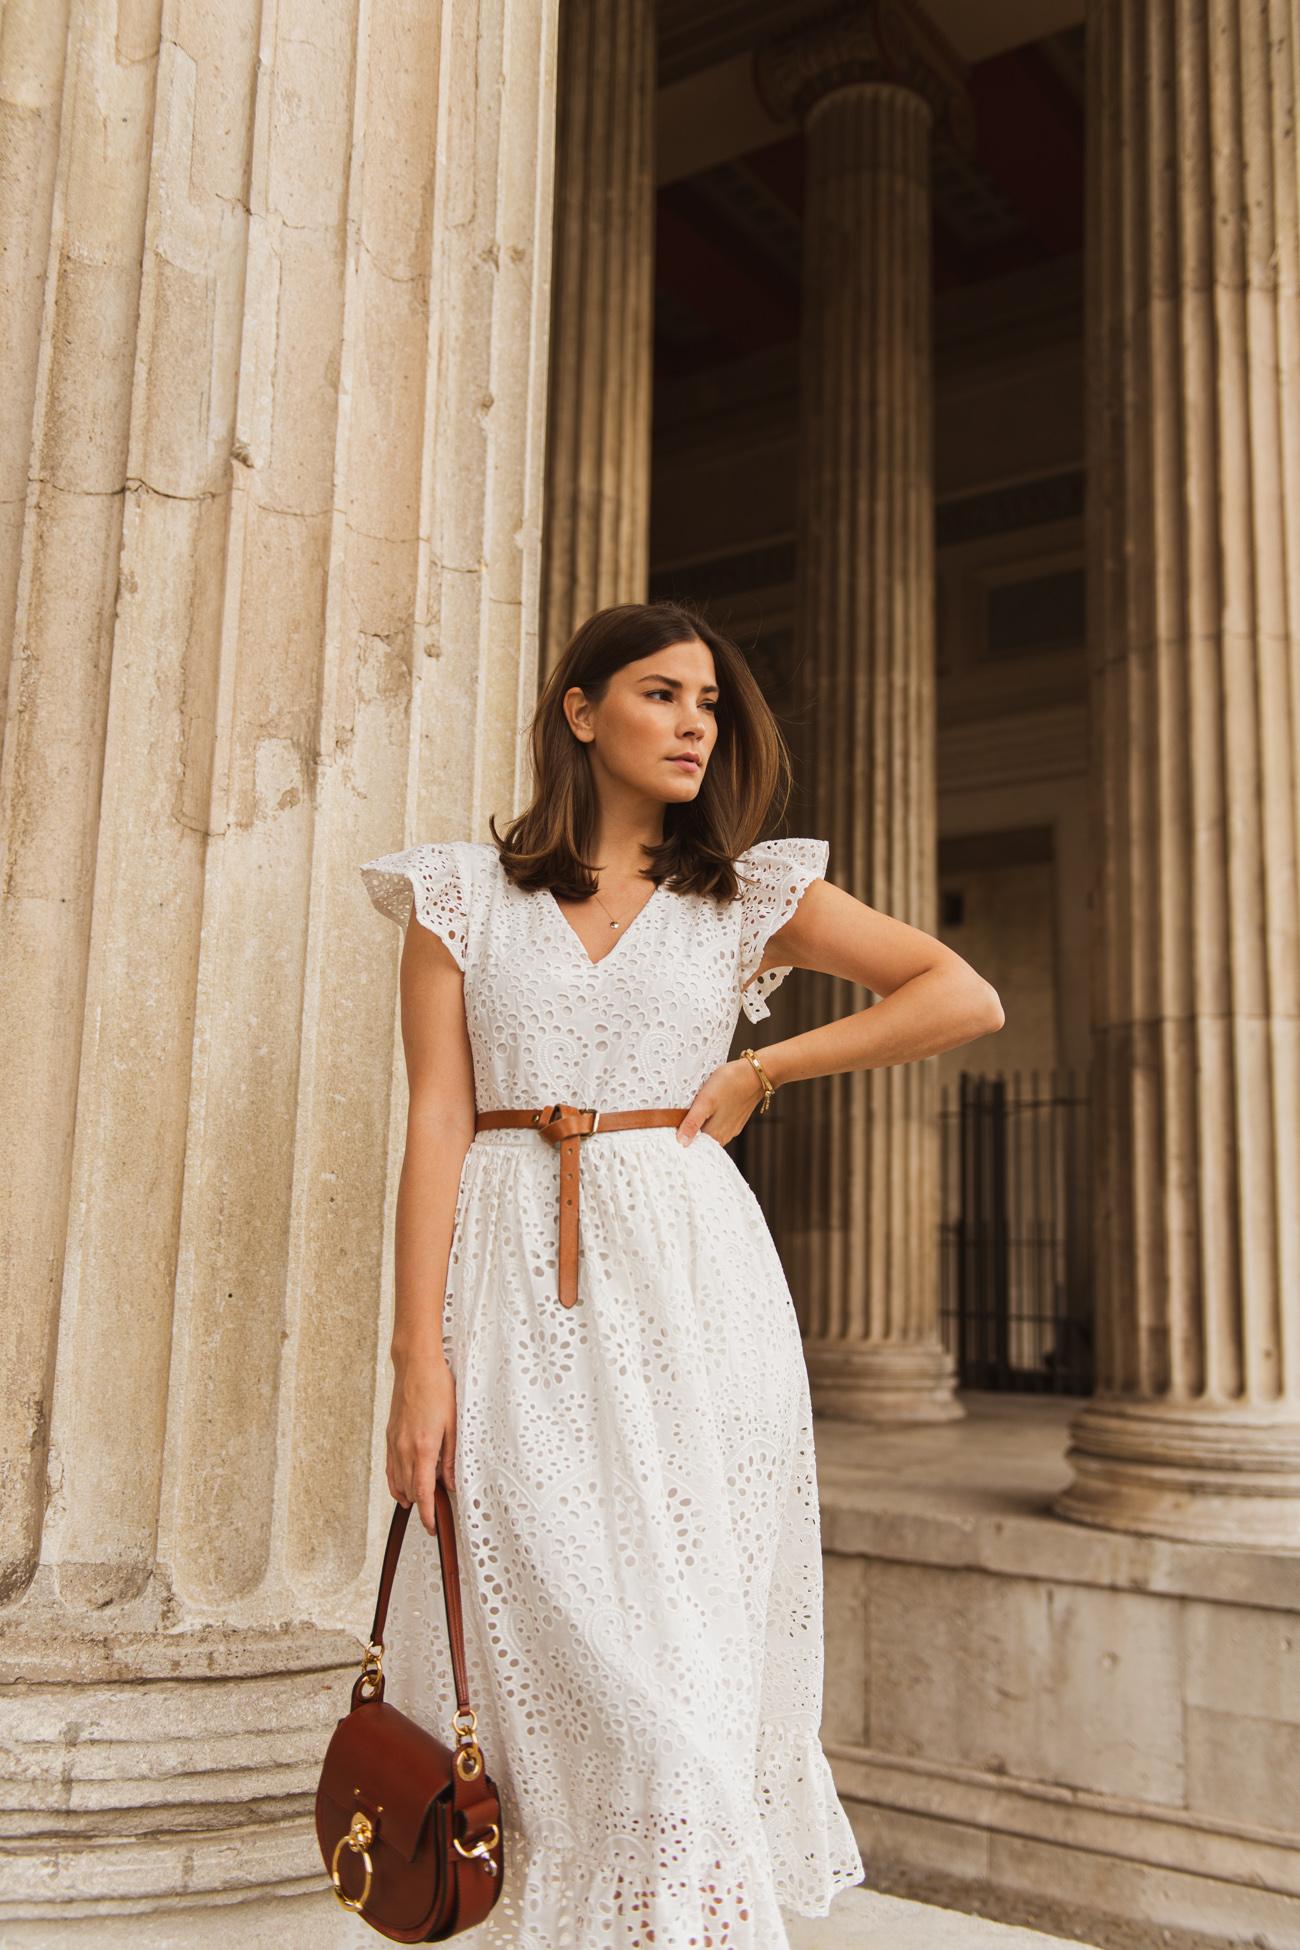 das perfekte weiße kleid aus lochspitze für den sommer